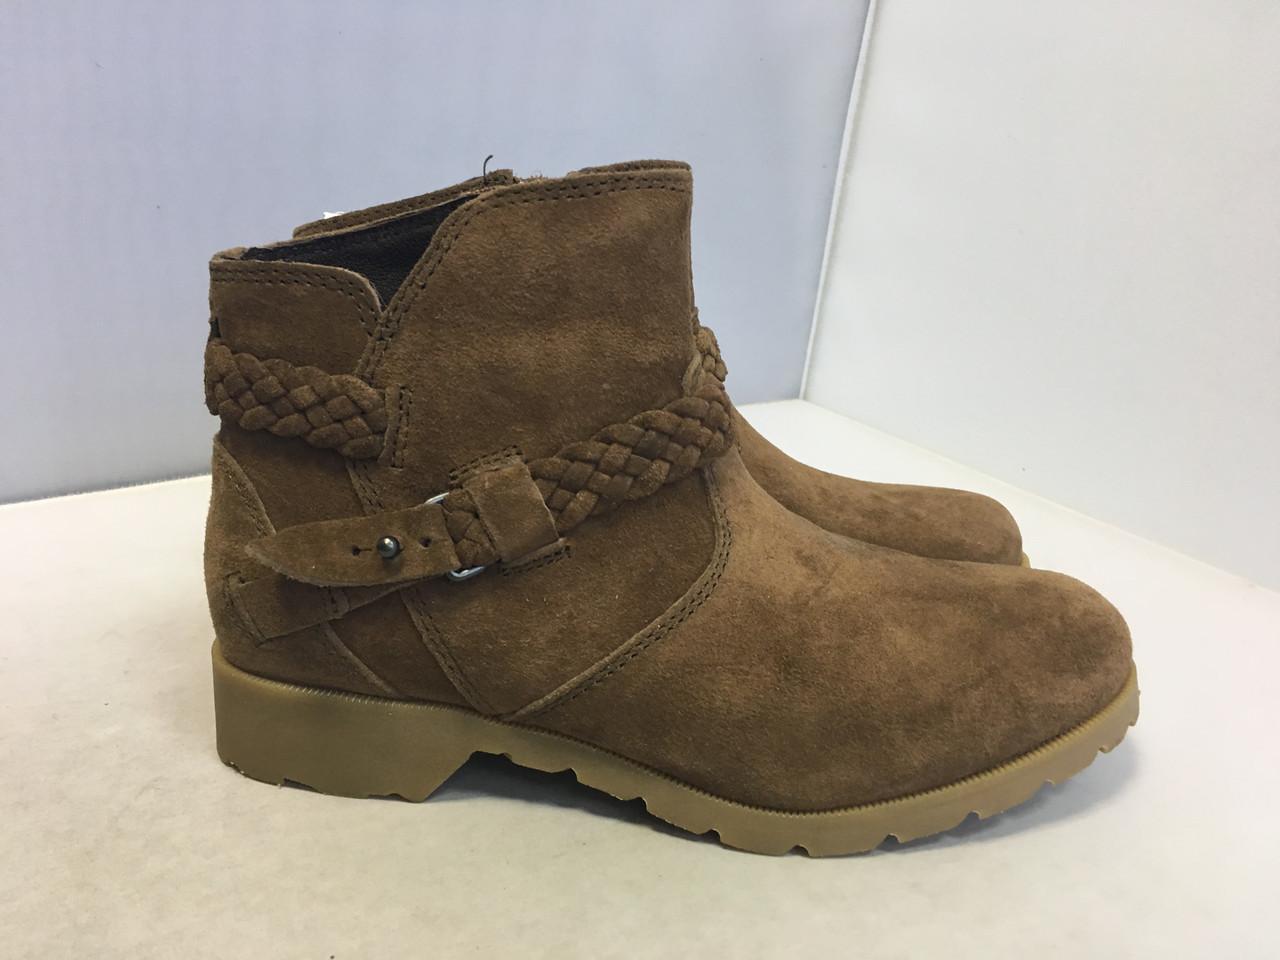 Женские ботинки Teva, 41 размер, фото 1